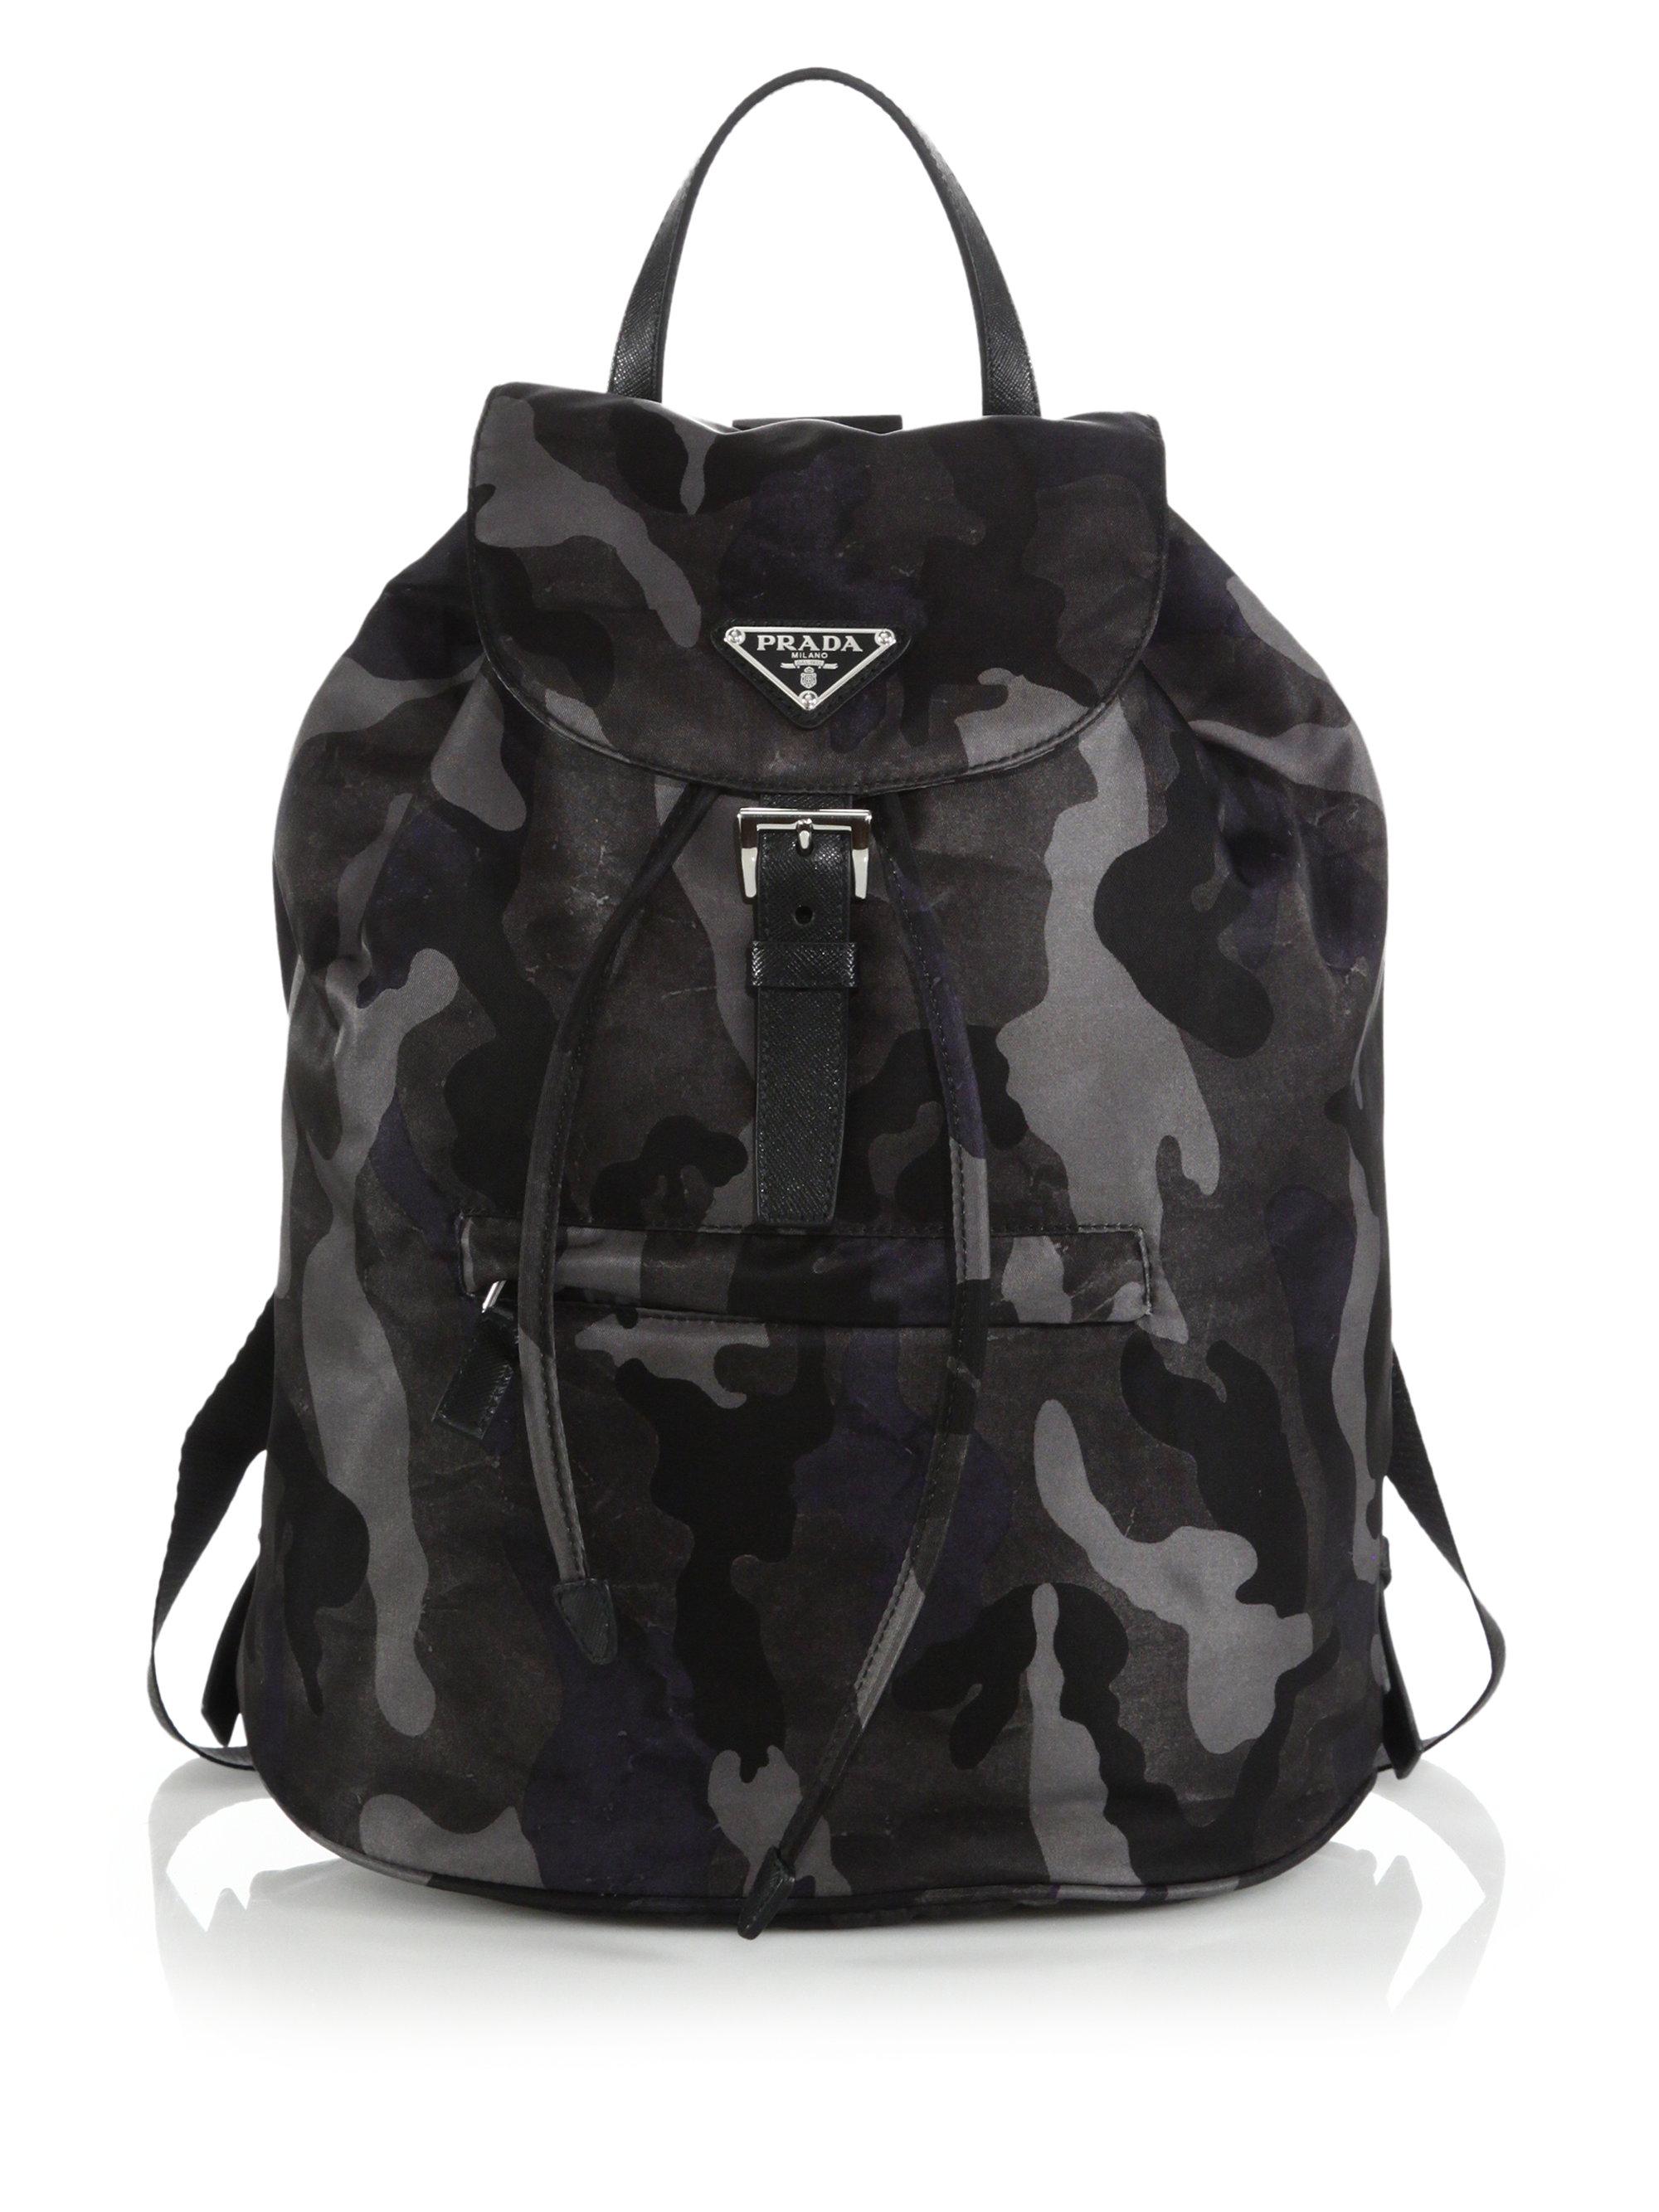 94655fc8ec5481 ... buy lyst prada tessuto camouflage backpack in black 0d848 b9677